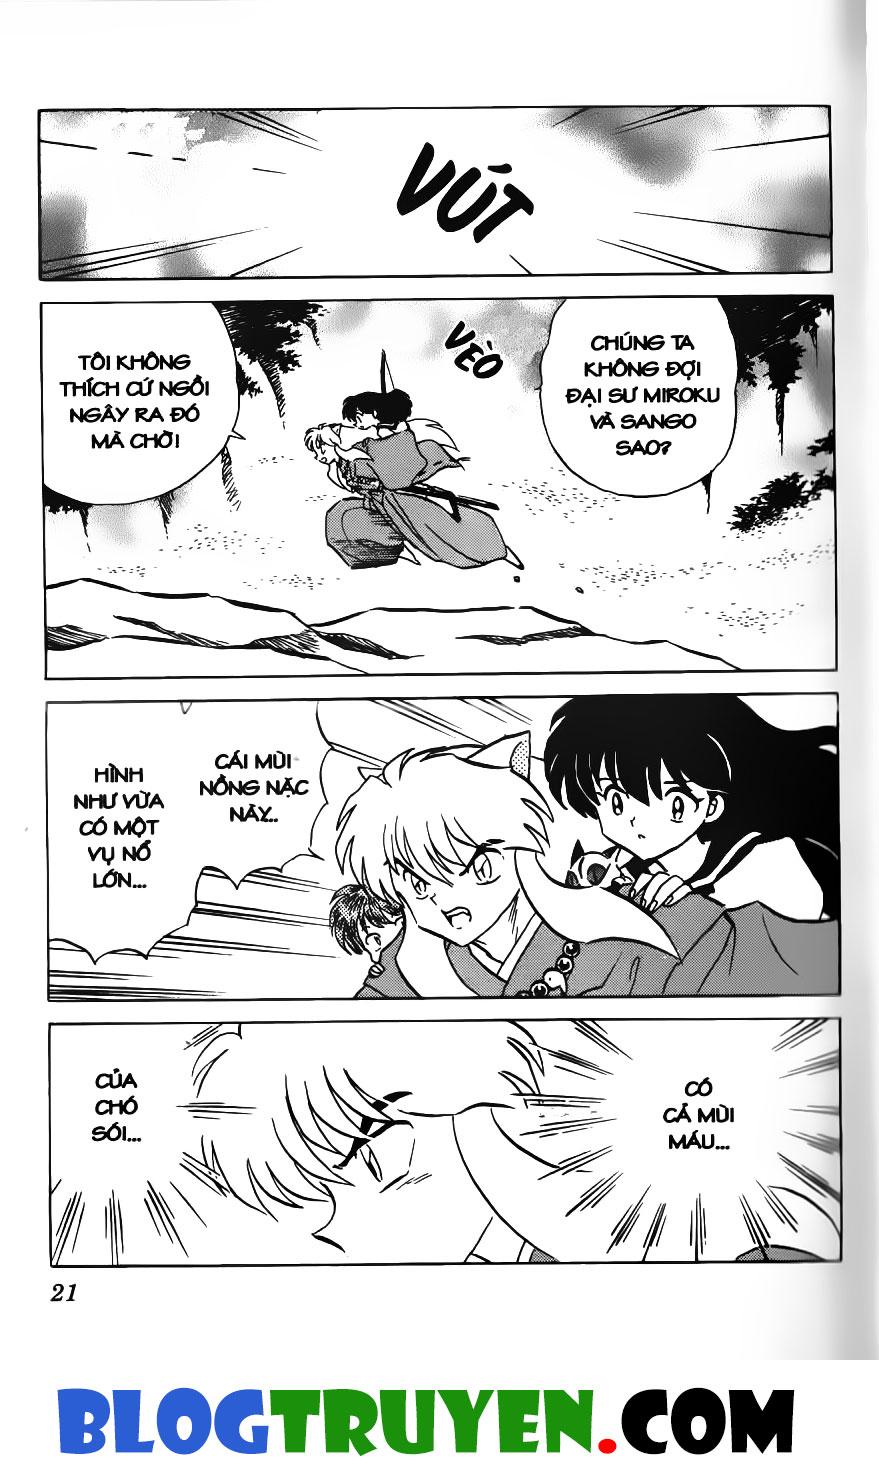 Inuyasha vol 27.1 trang 17